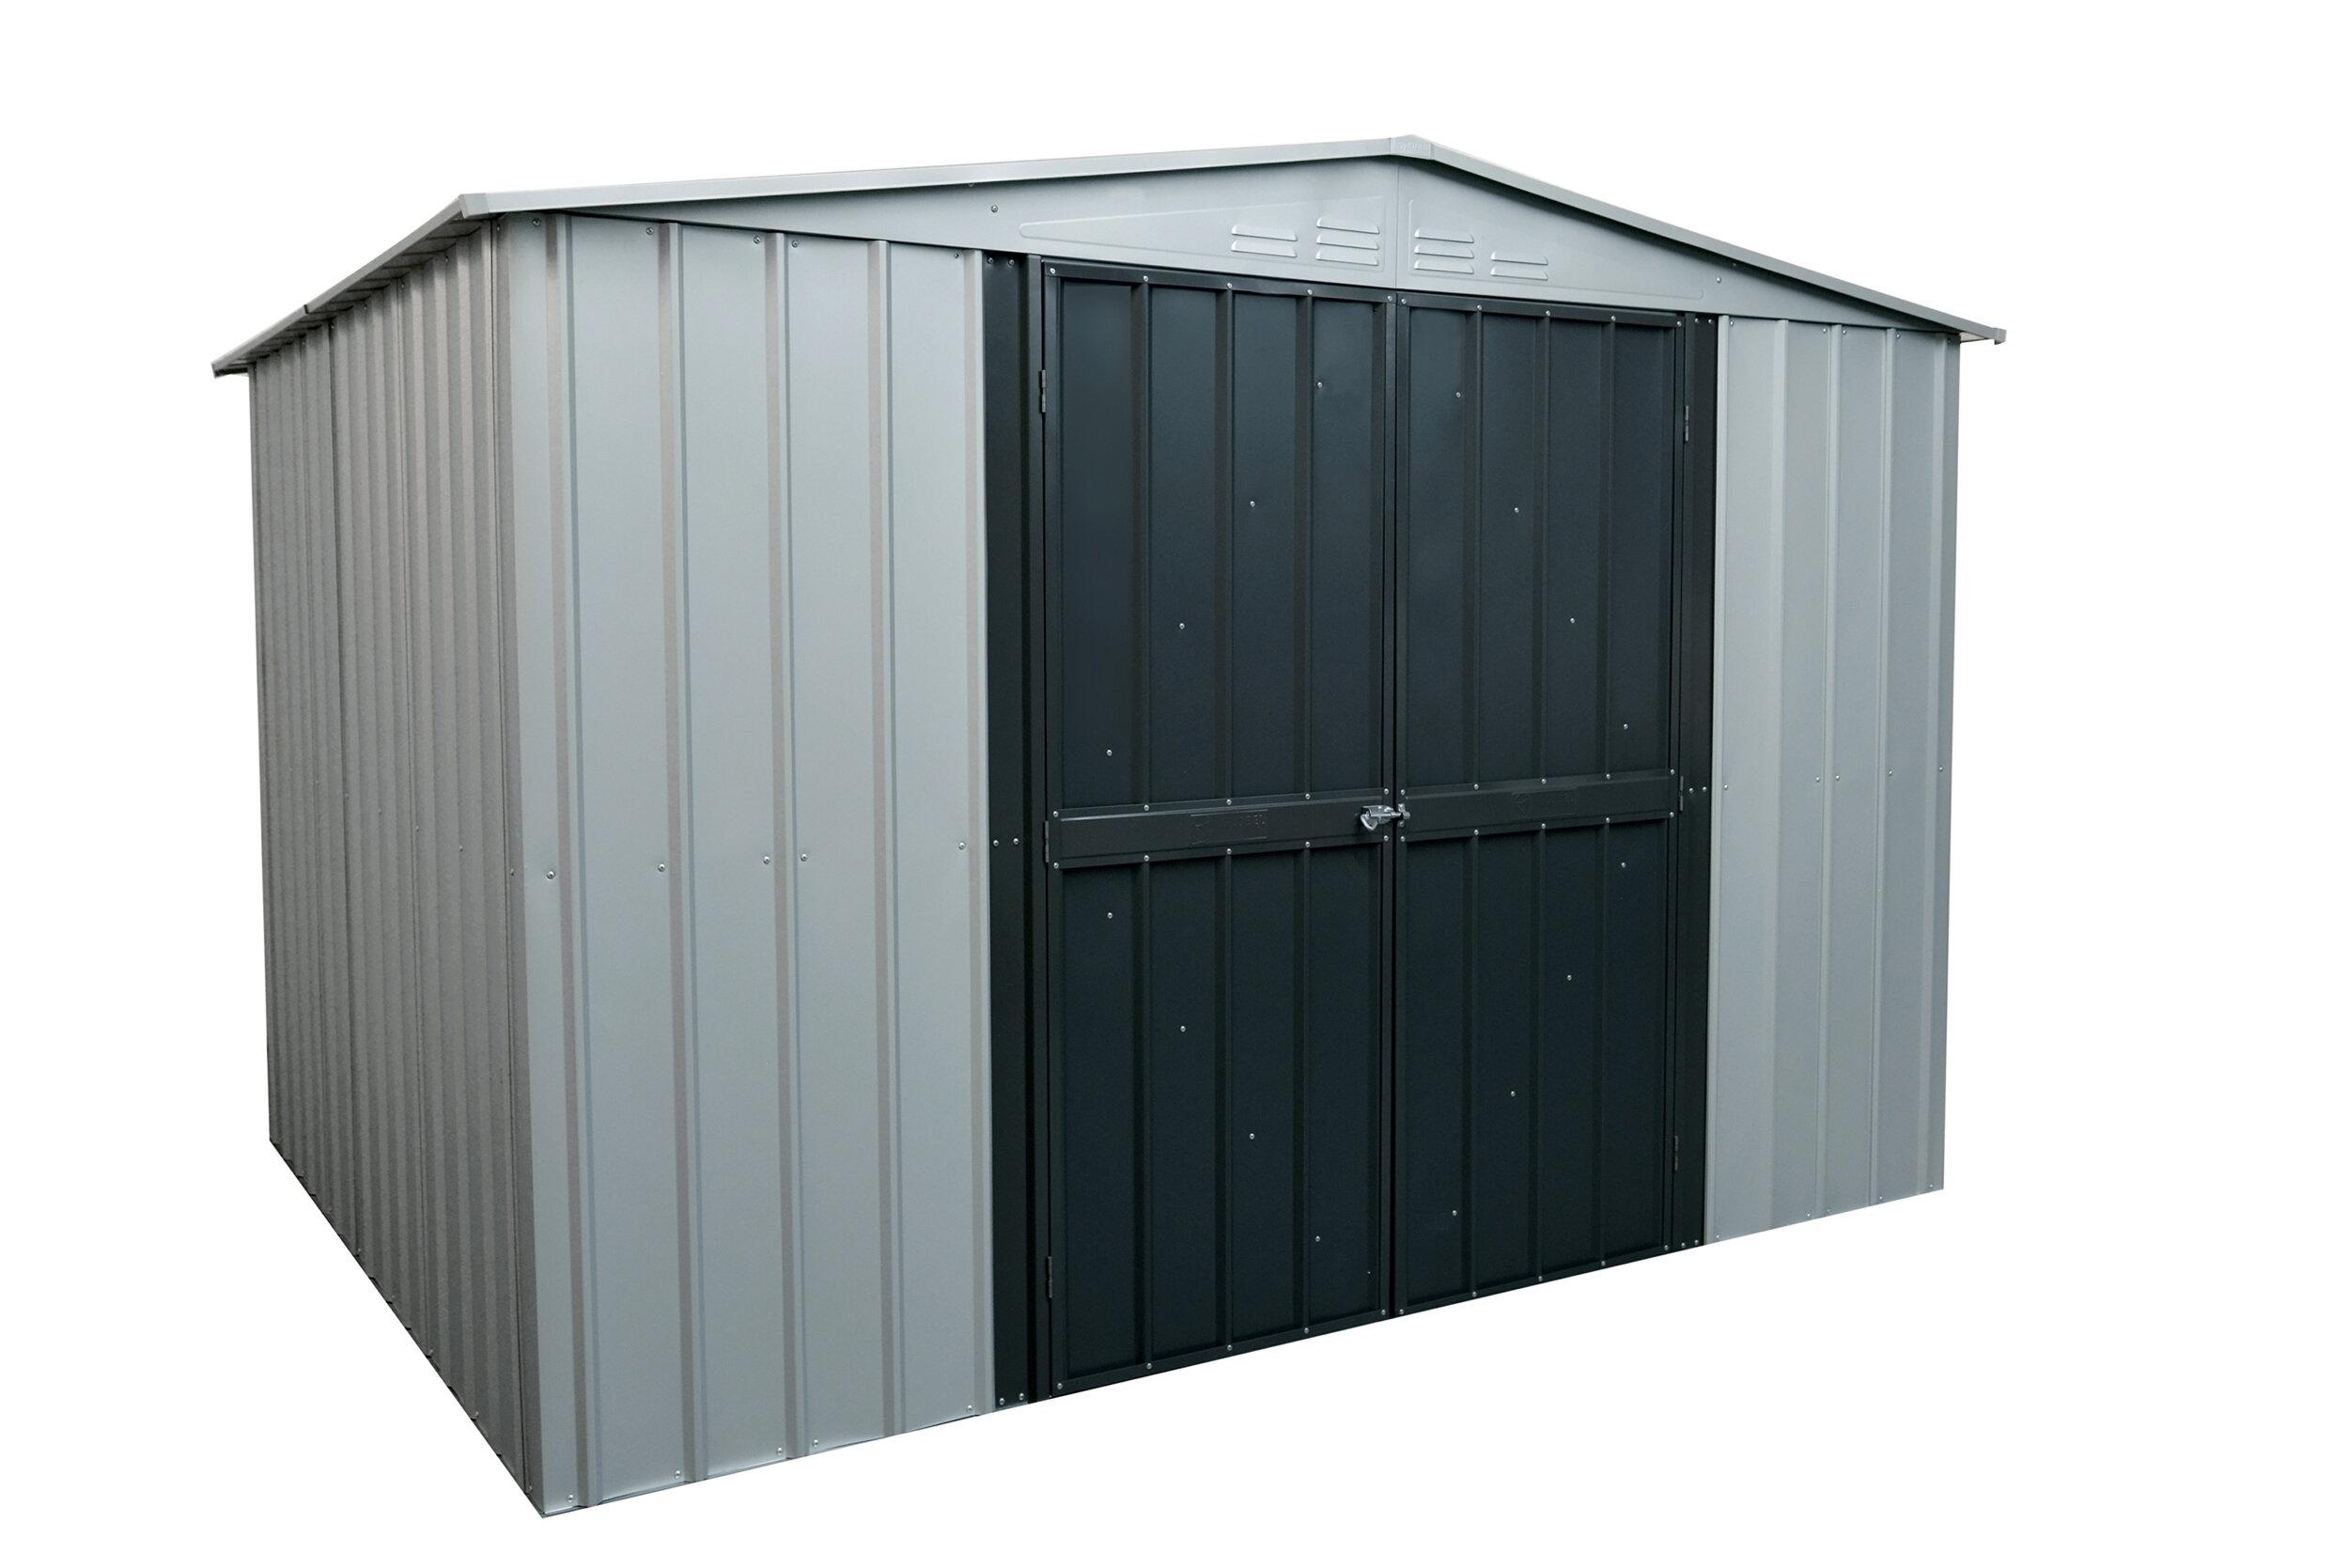 D Galvanized Steel Storage Shed | Wayfair